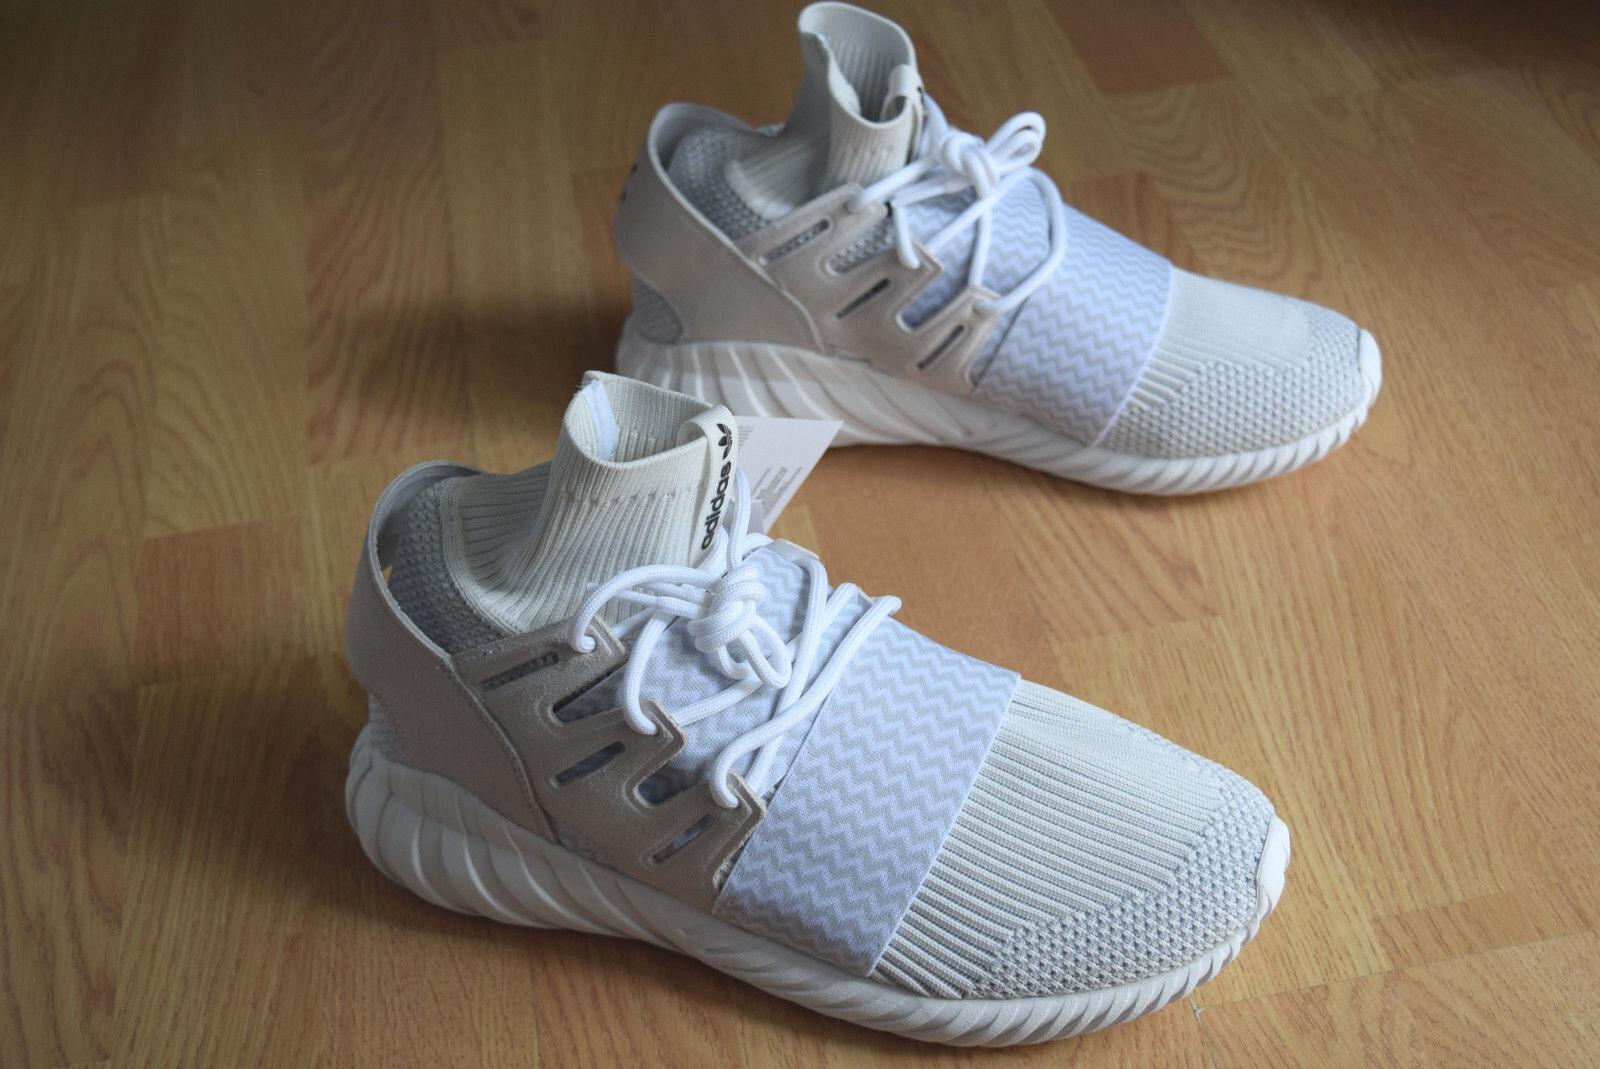 Adidas Tubular Doom Pk 42 43 44 45 46 S80509 Ombra Viral Radiale Yeezy Runner